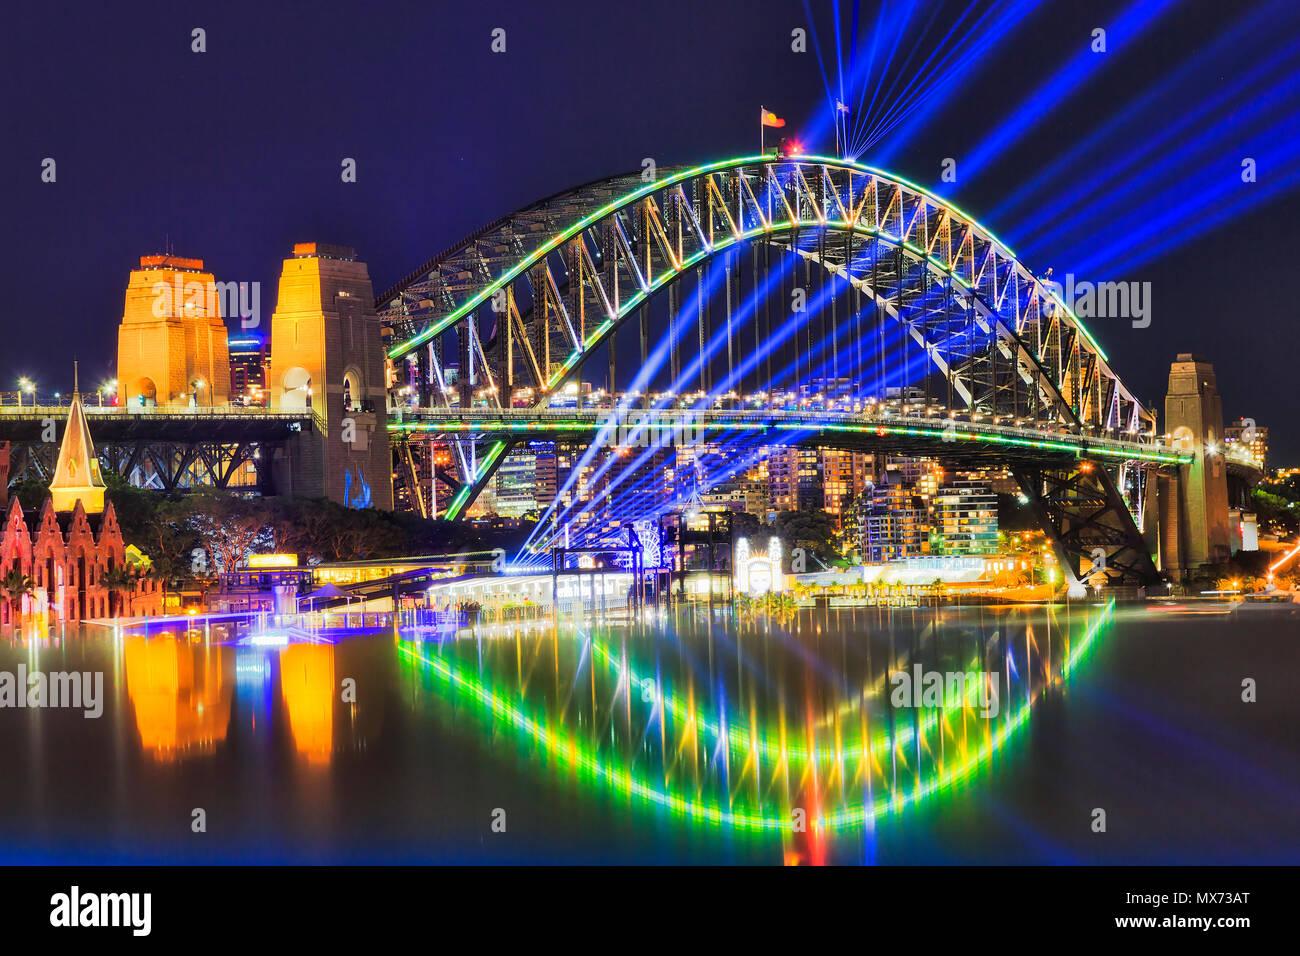 Lumineux bleu de poutres sous laser arche du pont du port de Sydney Sydney vives pendant le festival de lumière avec la réflexion des lumières. Photo Stock